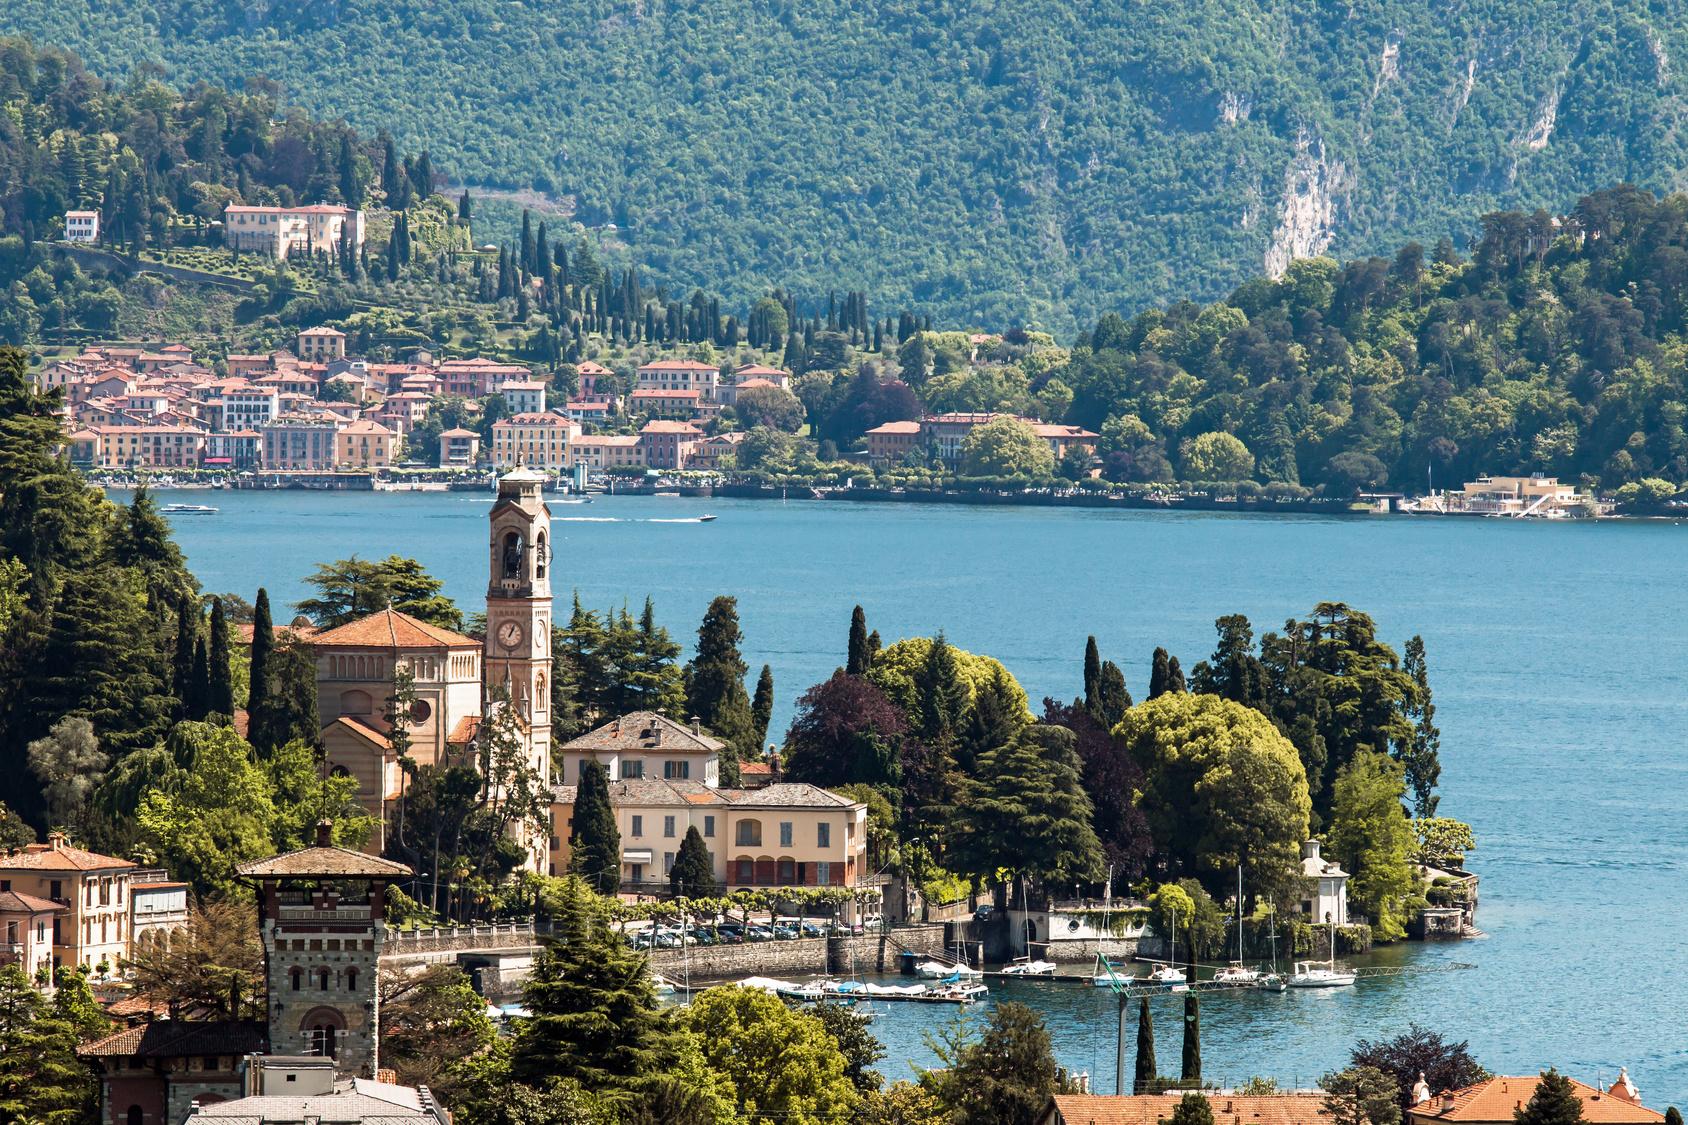 lago di Como - Tremezzo